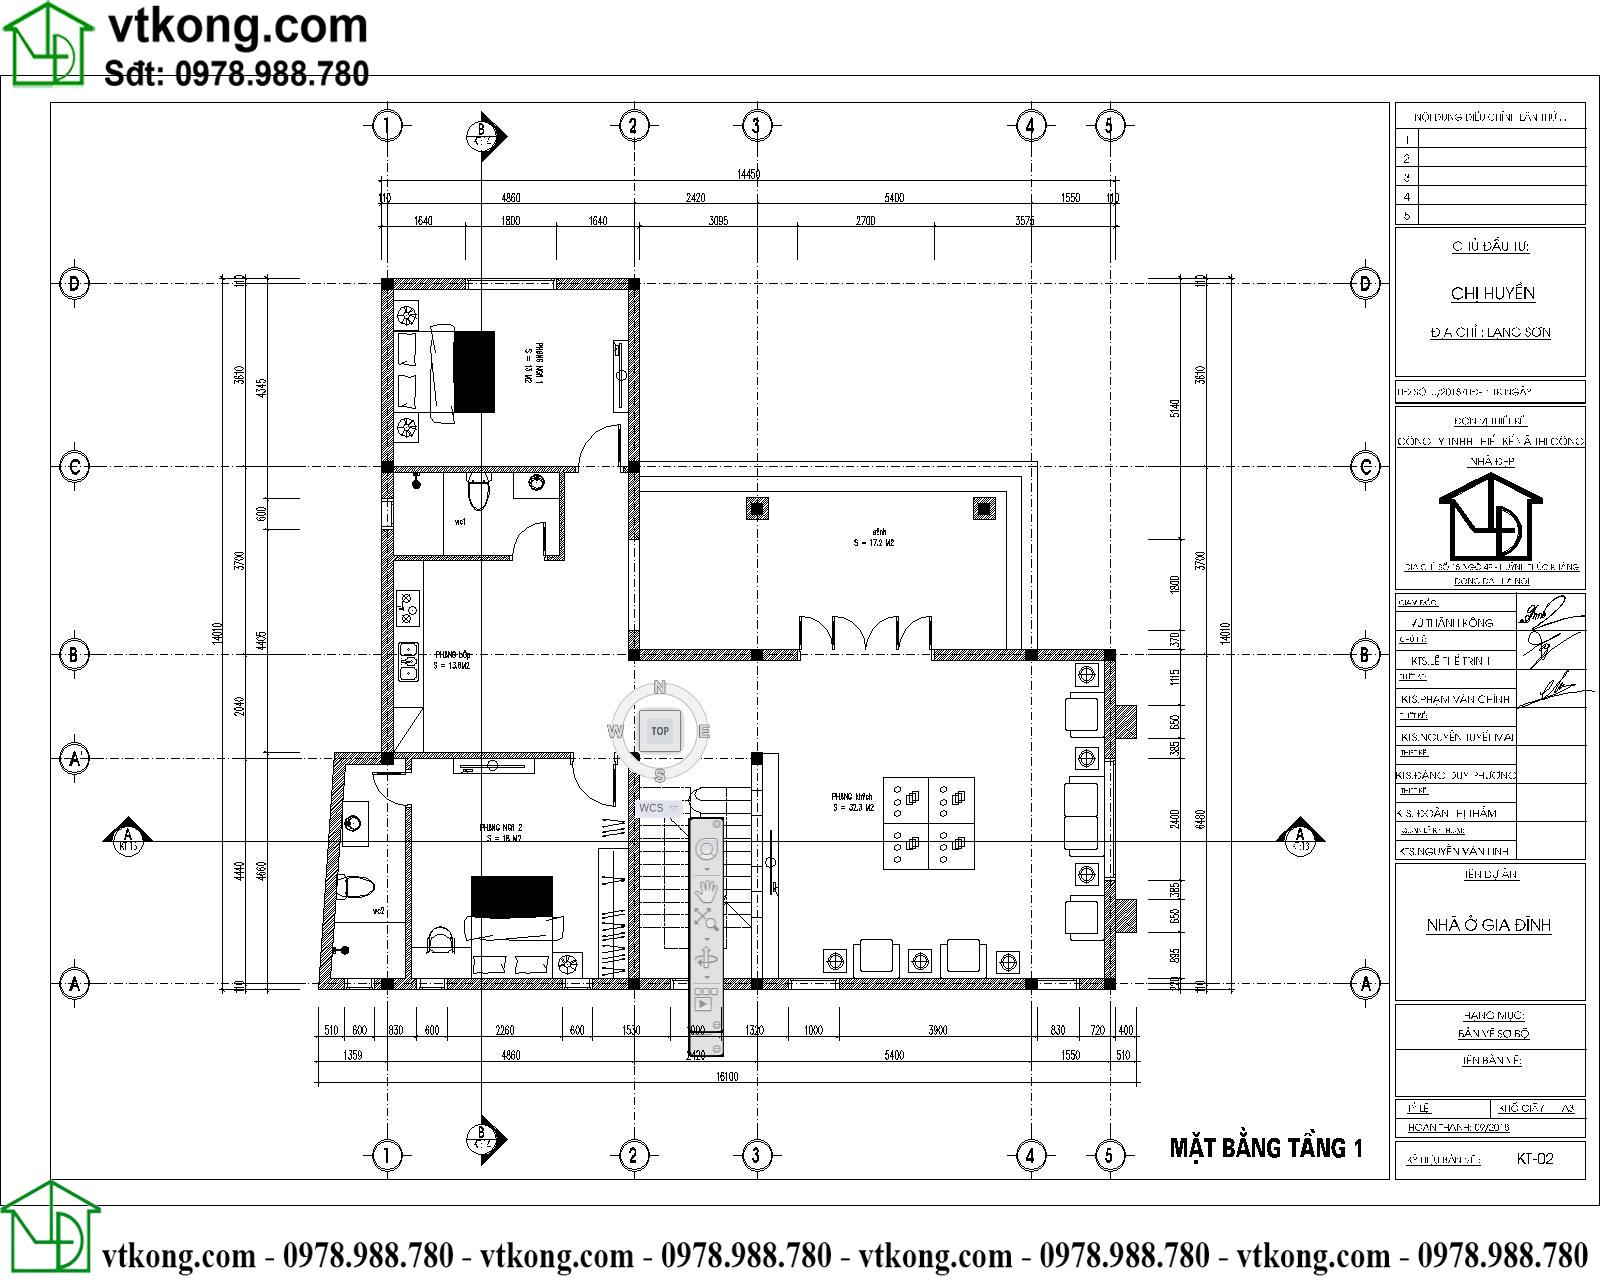 Mẫu thiết kế biệt thự 2 tầng chữ L 14x16m đẹp BT2T61 3